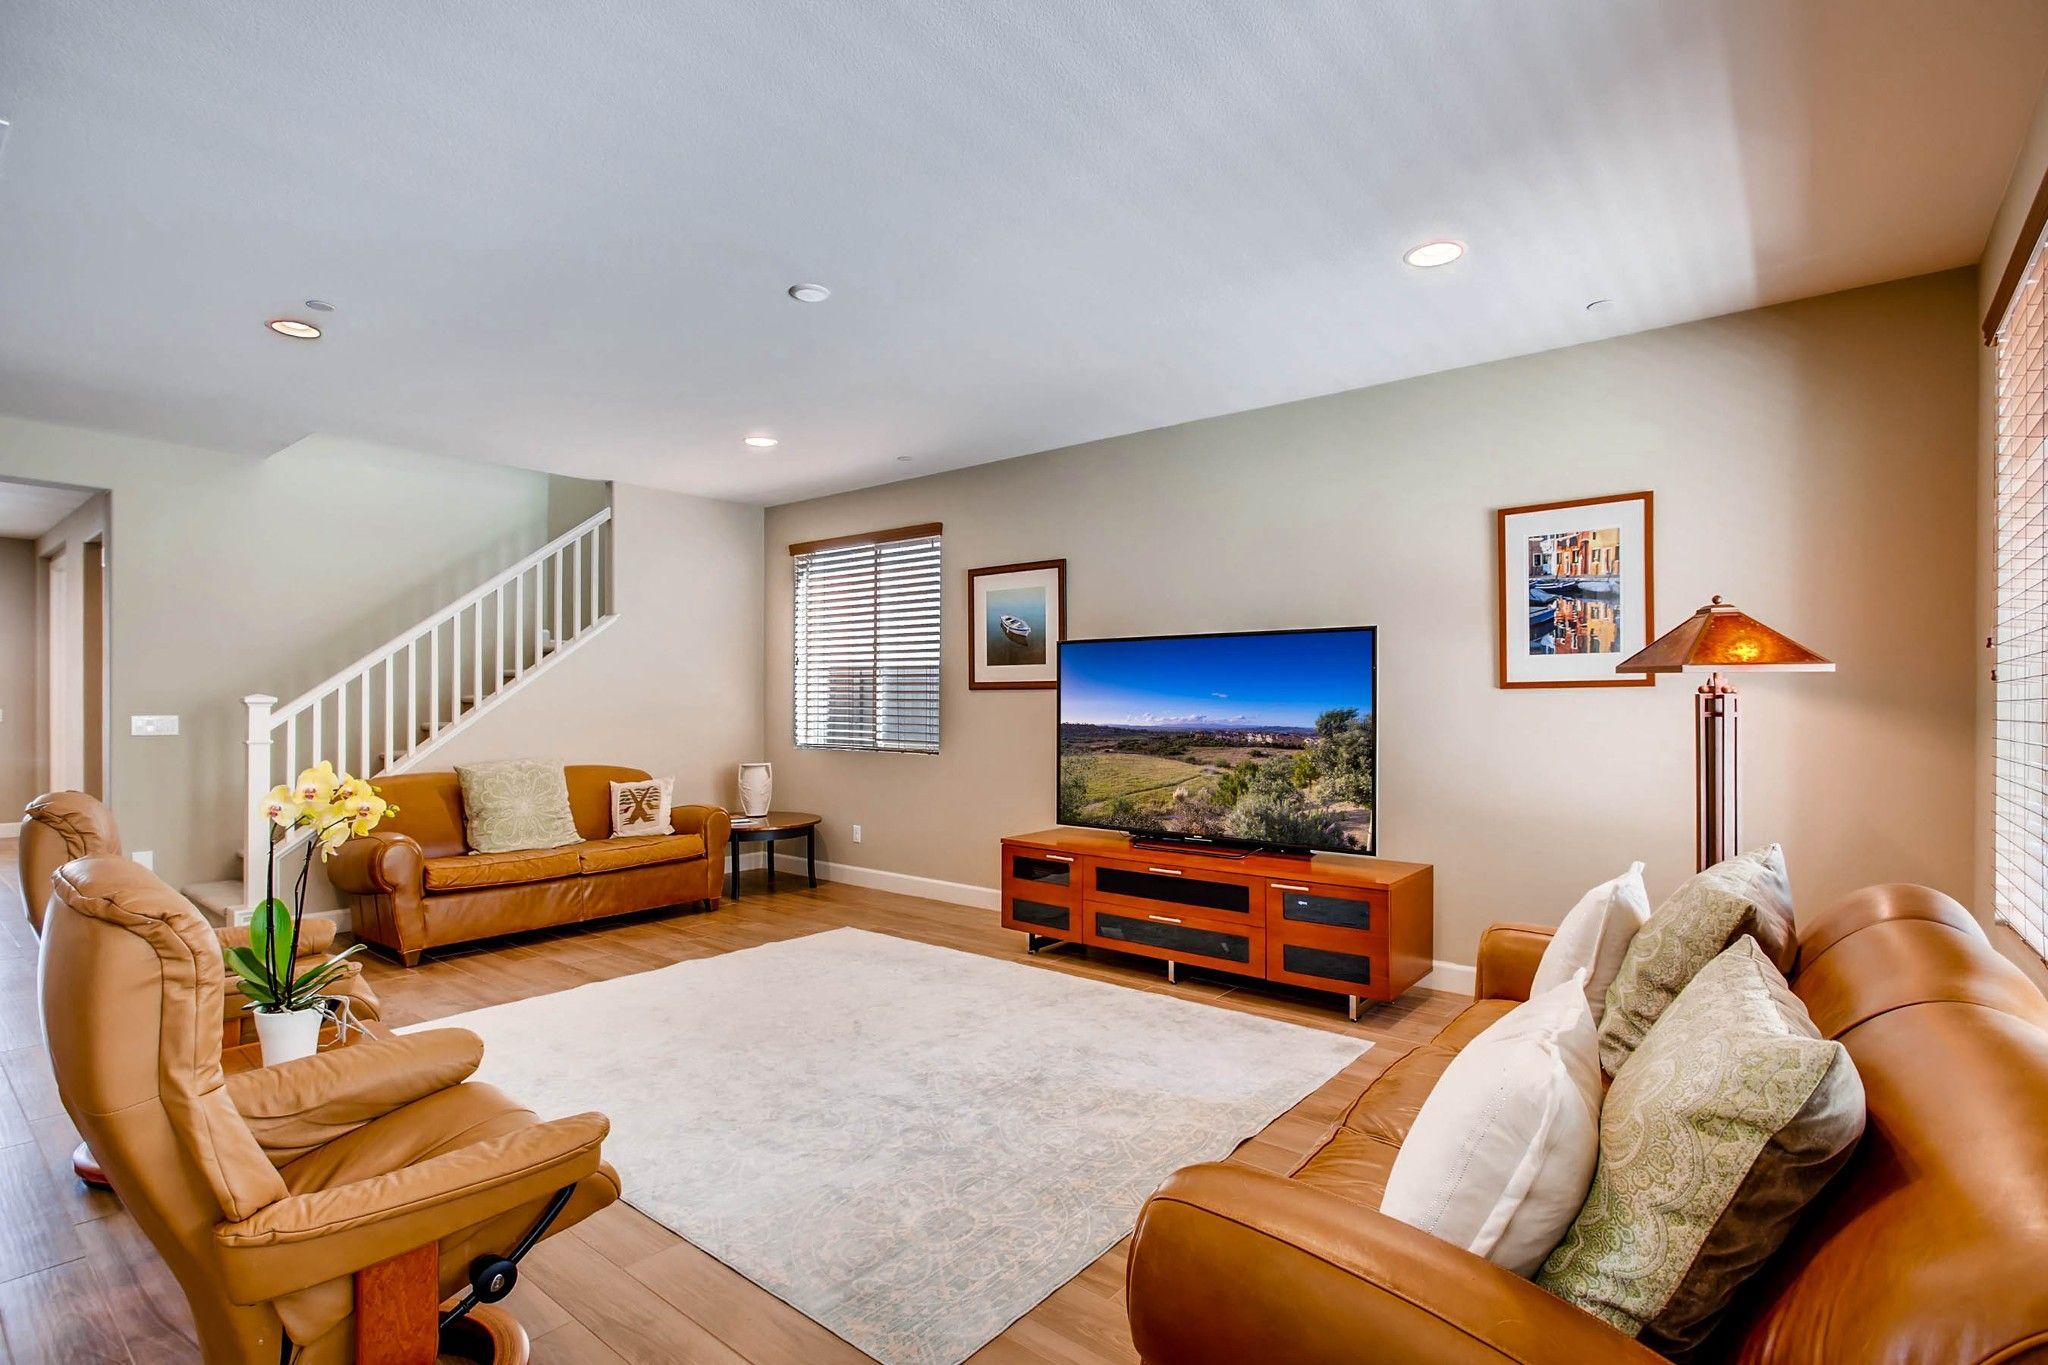 Photo 5: Photos: Residential for sale : 5 bedrooms : 443 Machado Way in Vista